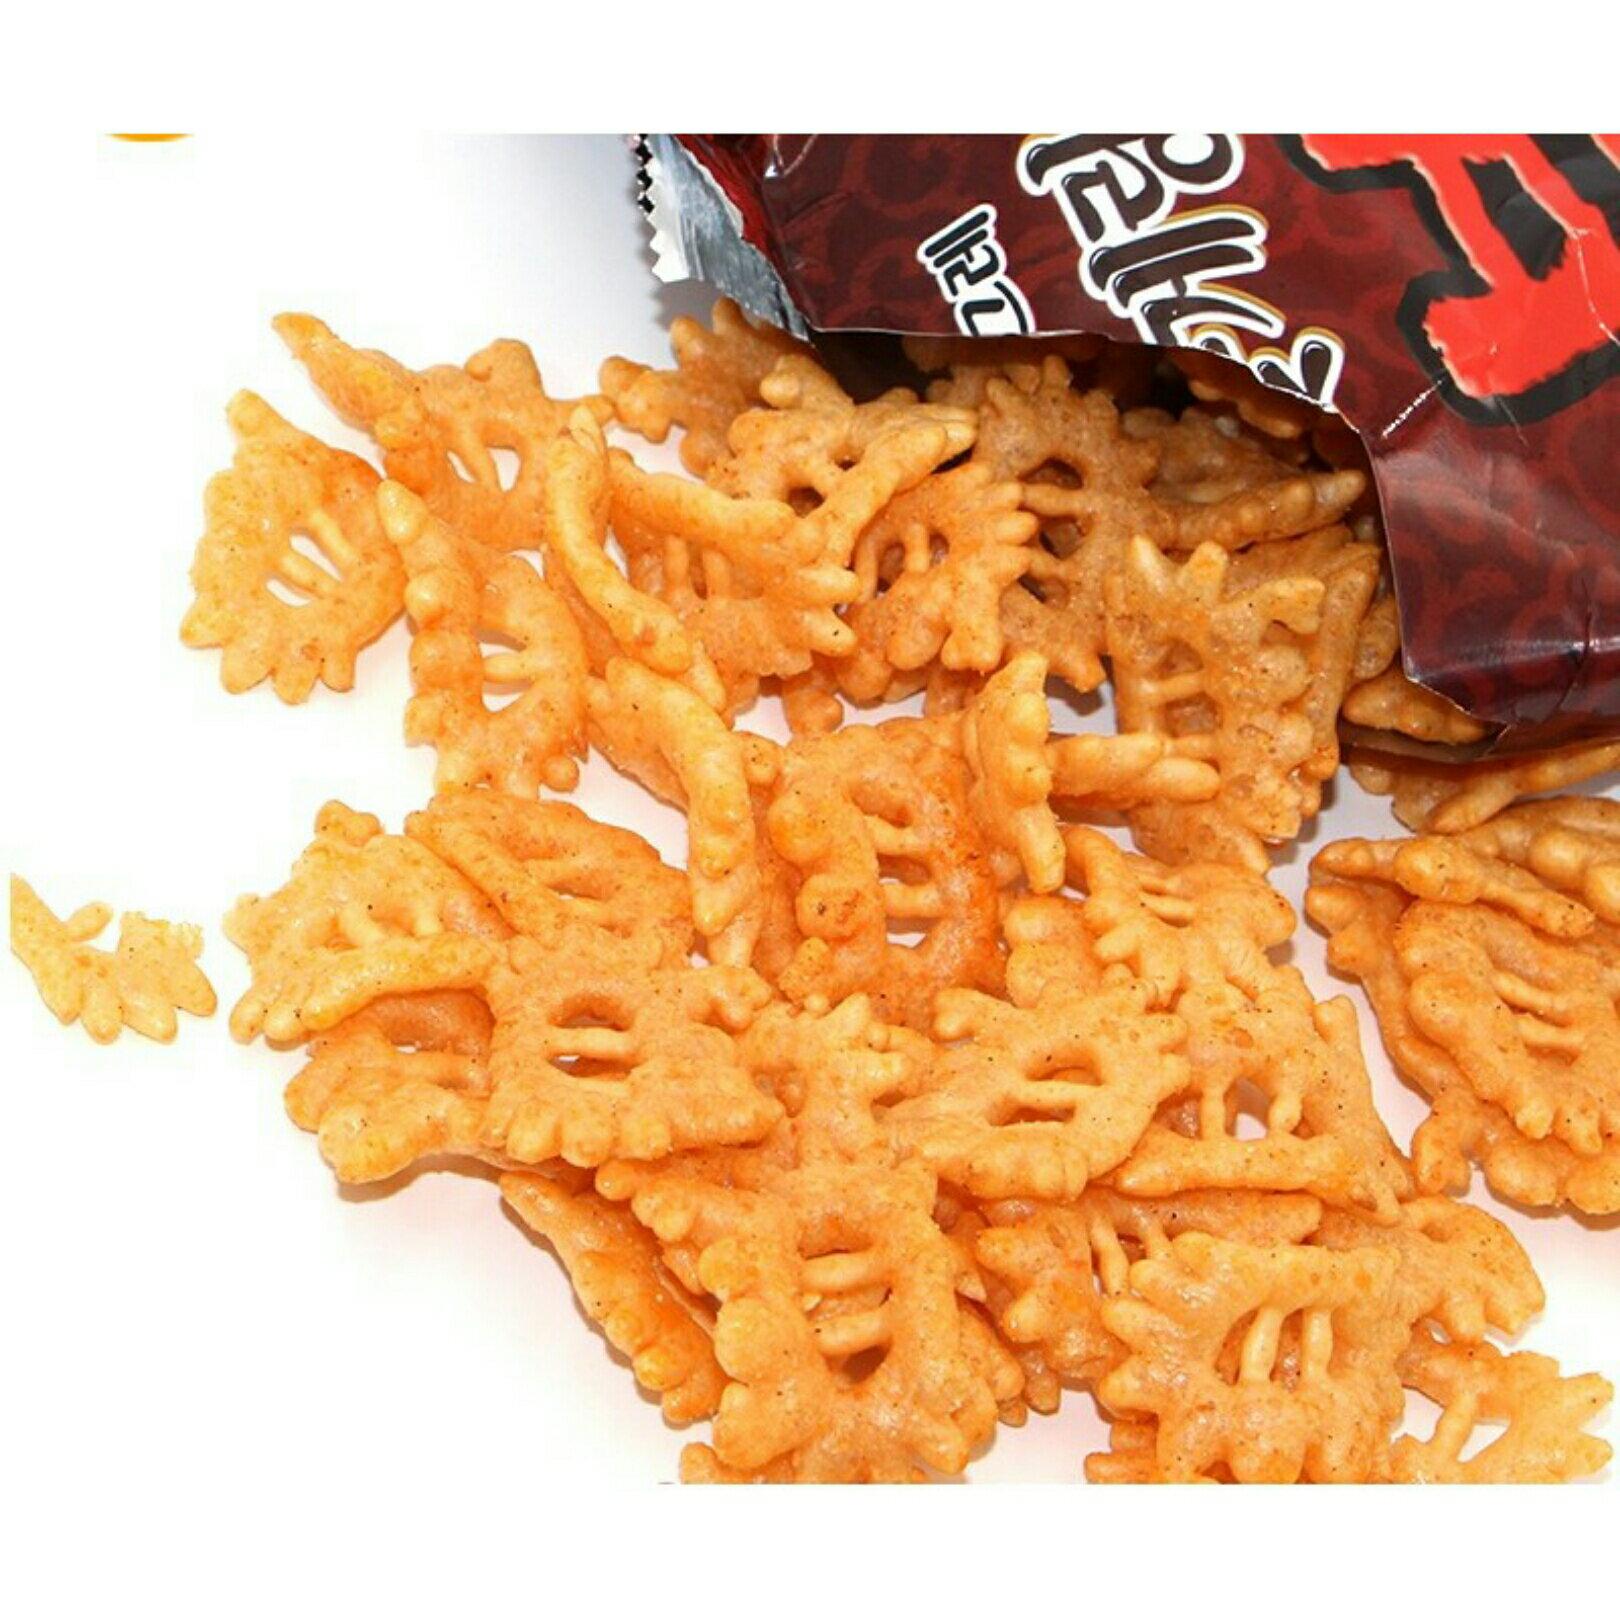 有樂町進口食品 韓國版阿基師推薦 李連福螃蟹炒碼麵餅乾 70g 8801111919609 1